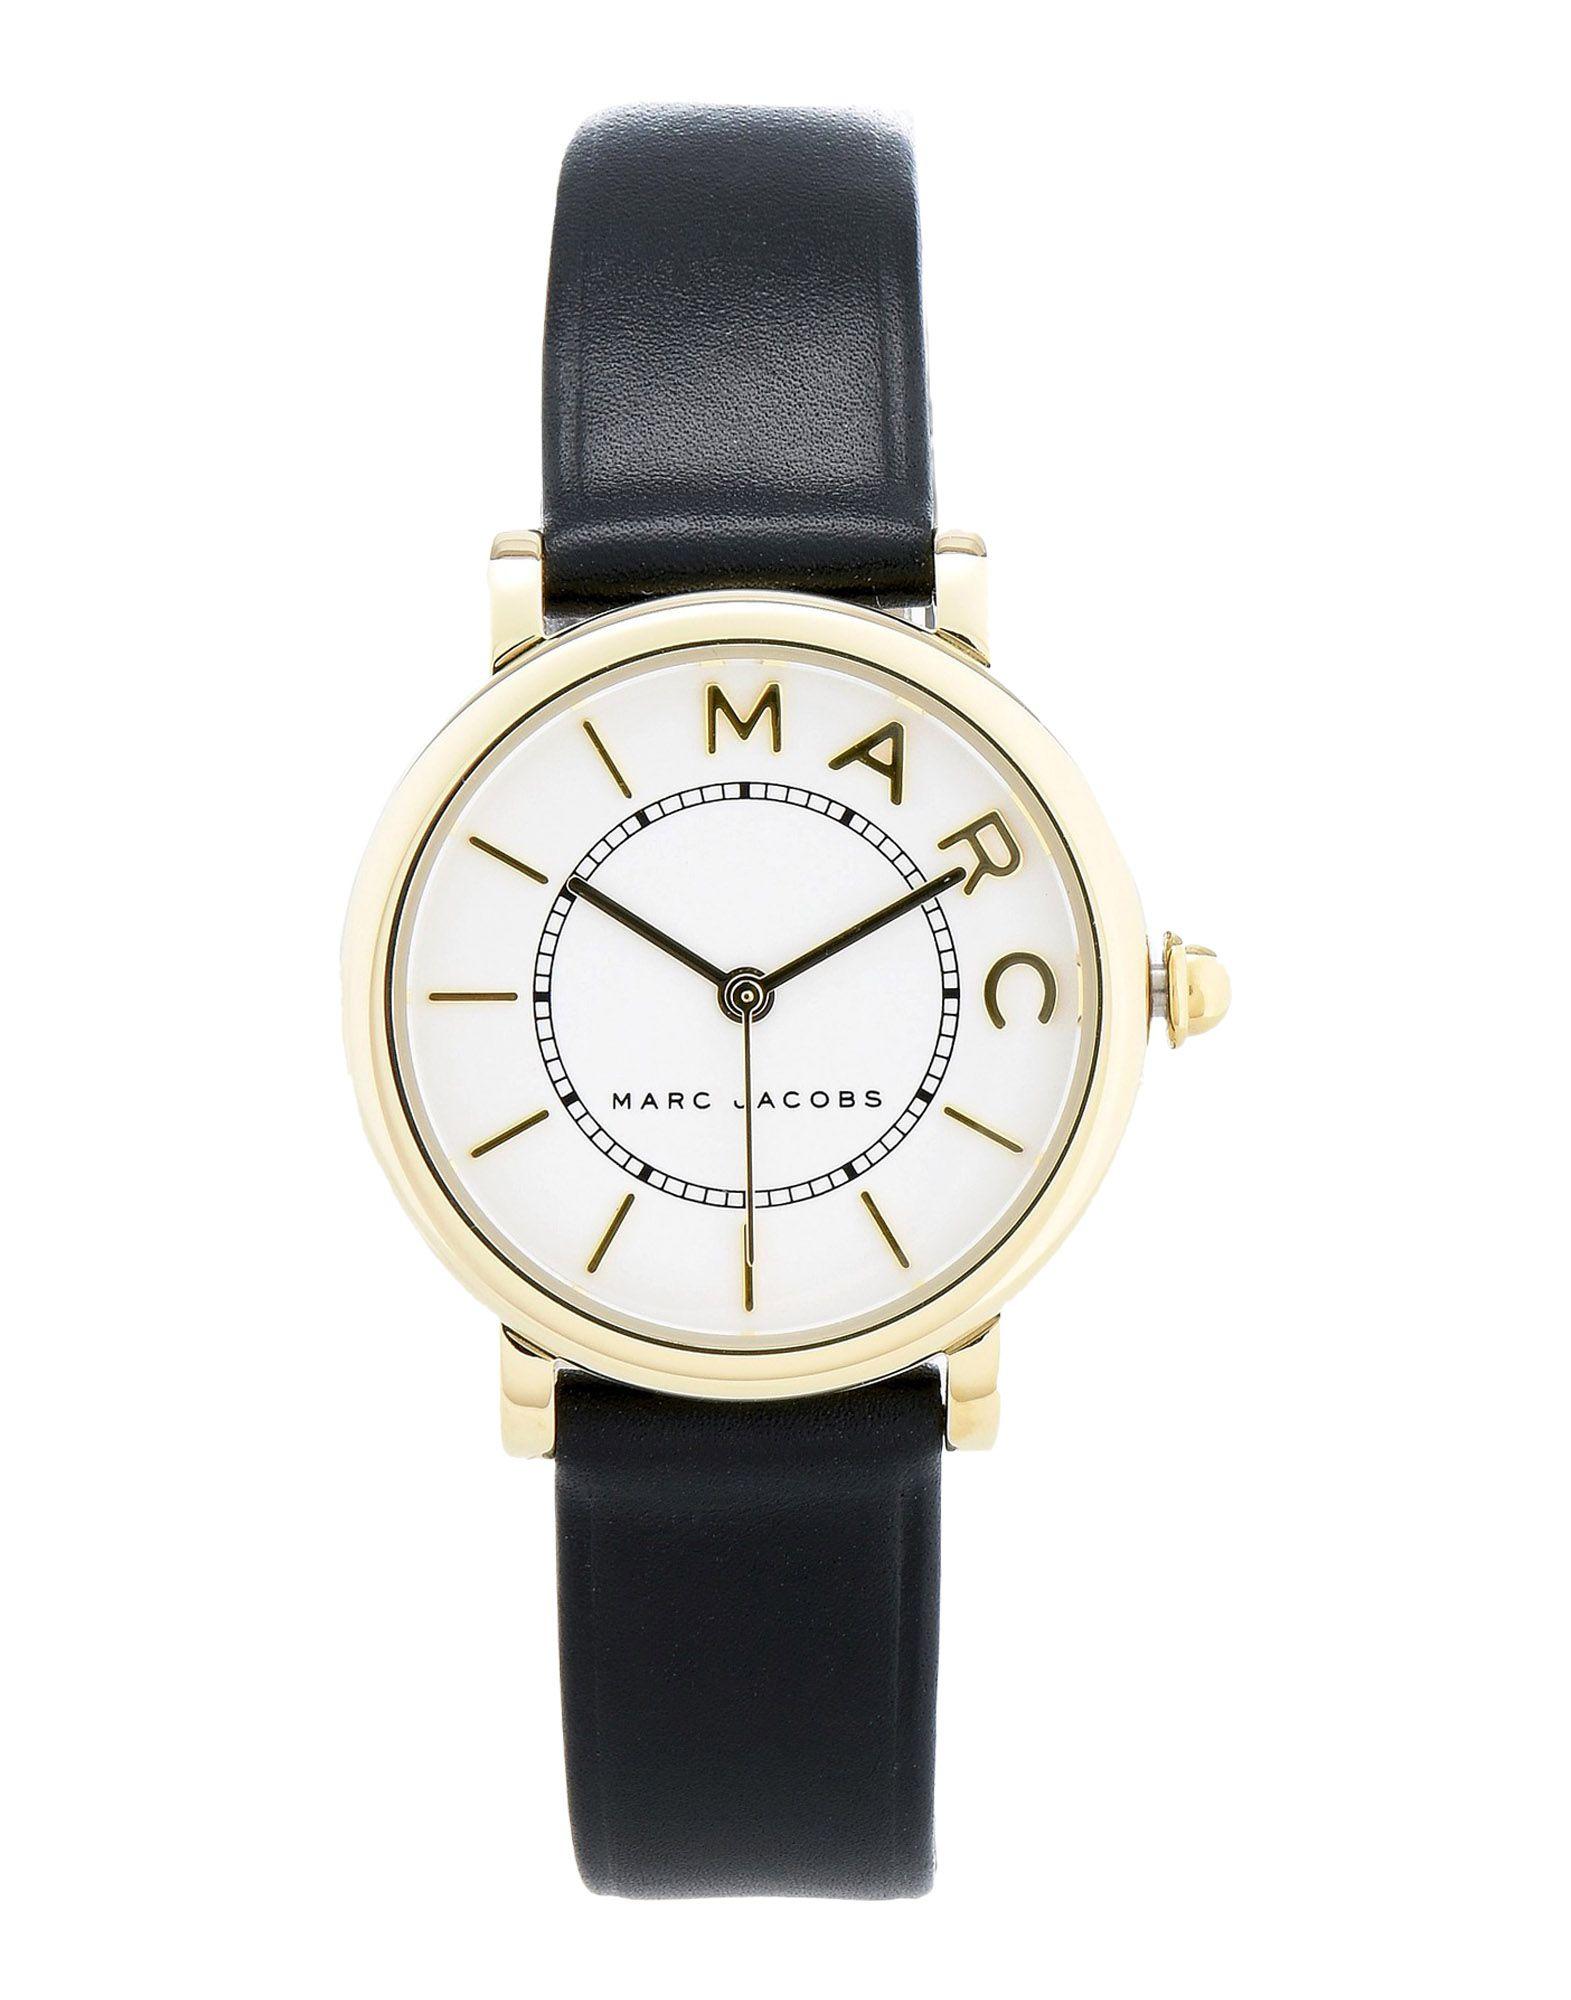 MARC JACOBS Наручные часы часы relogio feminino мужчины ложная крокодил кожа blu ray часынаручные часы